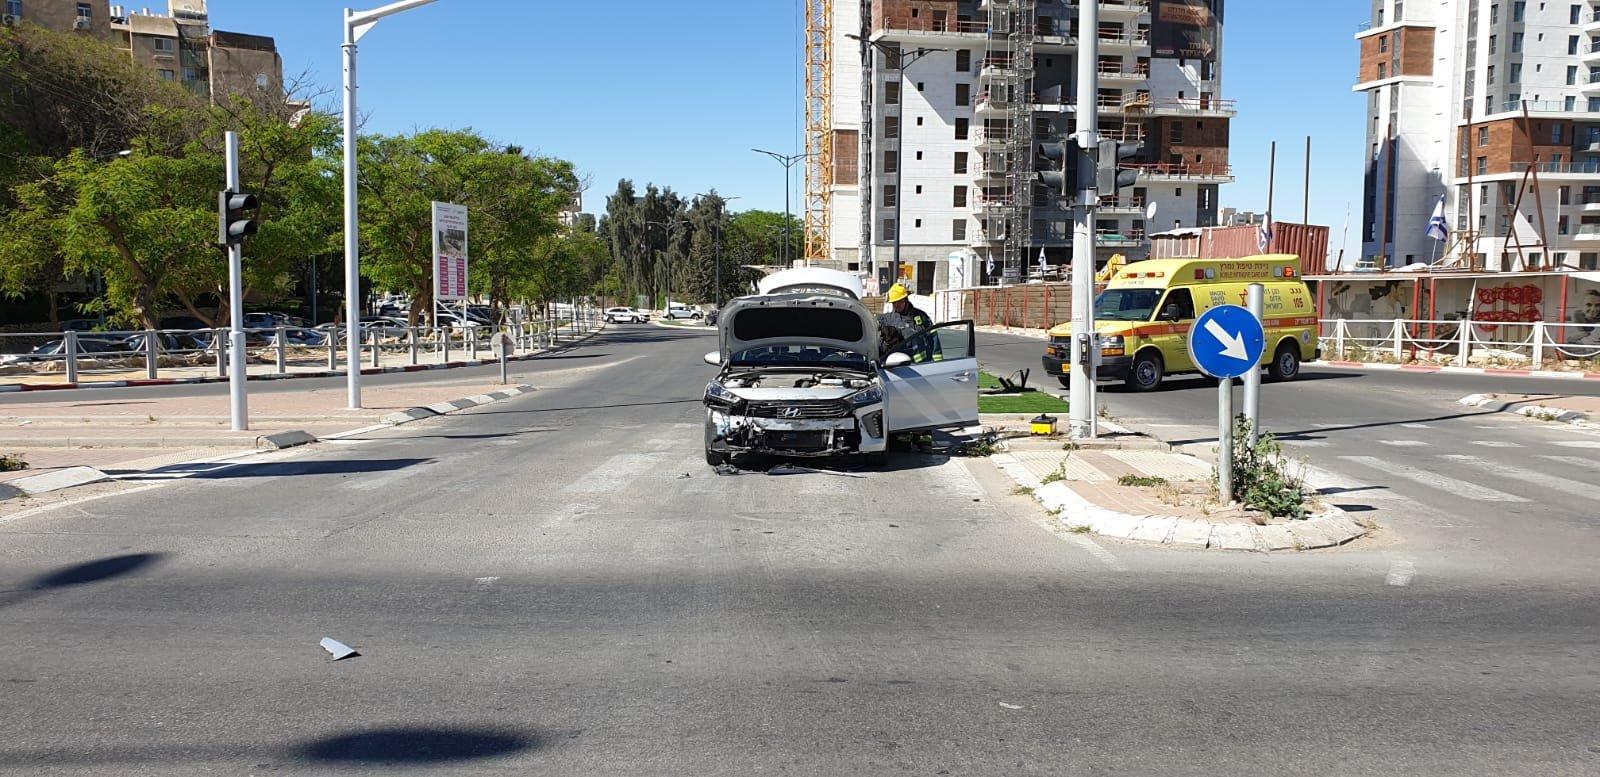 بئر السبع: اصابات نتيجة حادث طرق بين سيارة إسعاف ومركبة خصوصية